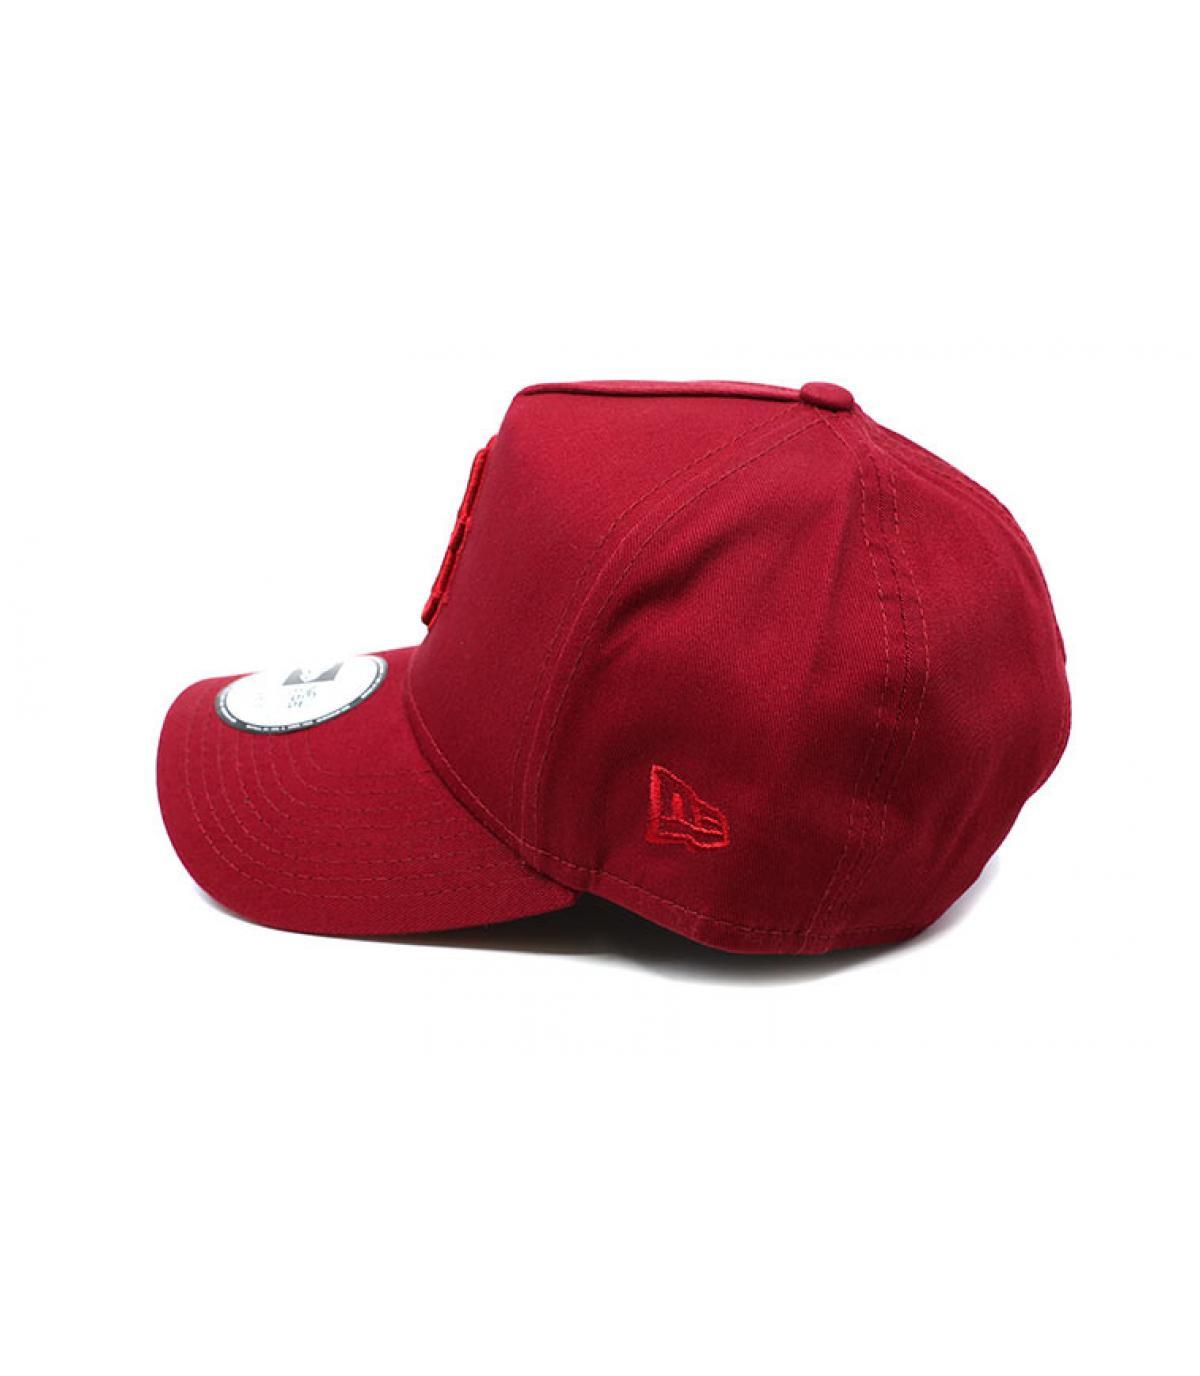 Détails League Ess Boston Aframe cardinal - image 4